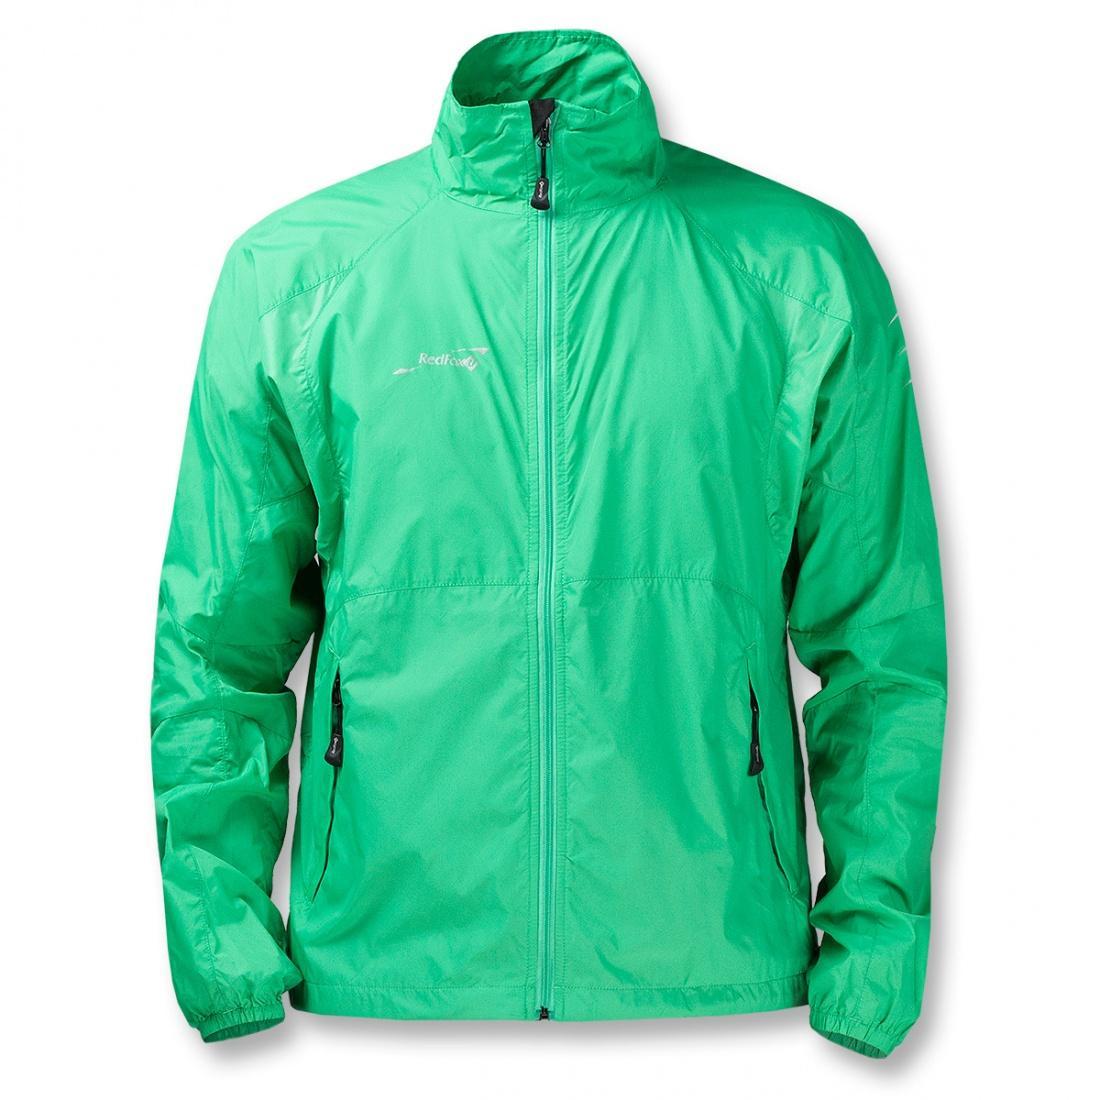 Куртка ветрозащитная Trek Light IIКуртки<br><br> Очень легкая куртка для мультиспортсменов. Отлично сочетает в себе функции защиты от ветра и максимальной свободы движений. Куртку можно компактно упаковать в карман, расположенный на спине.<br><br><br> Особенности:<br><br><br>Два бо...<br><br>Цвет: Зеленый<br>Размер: 46